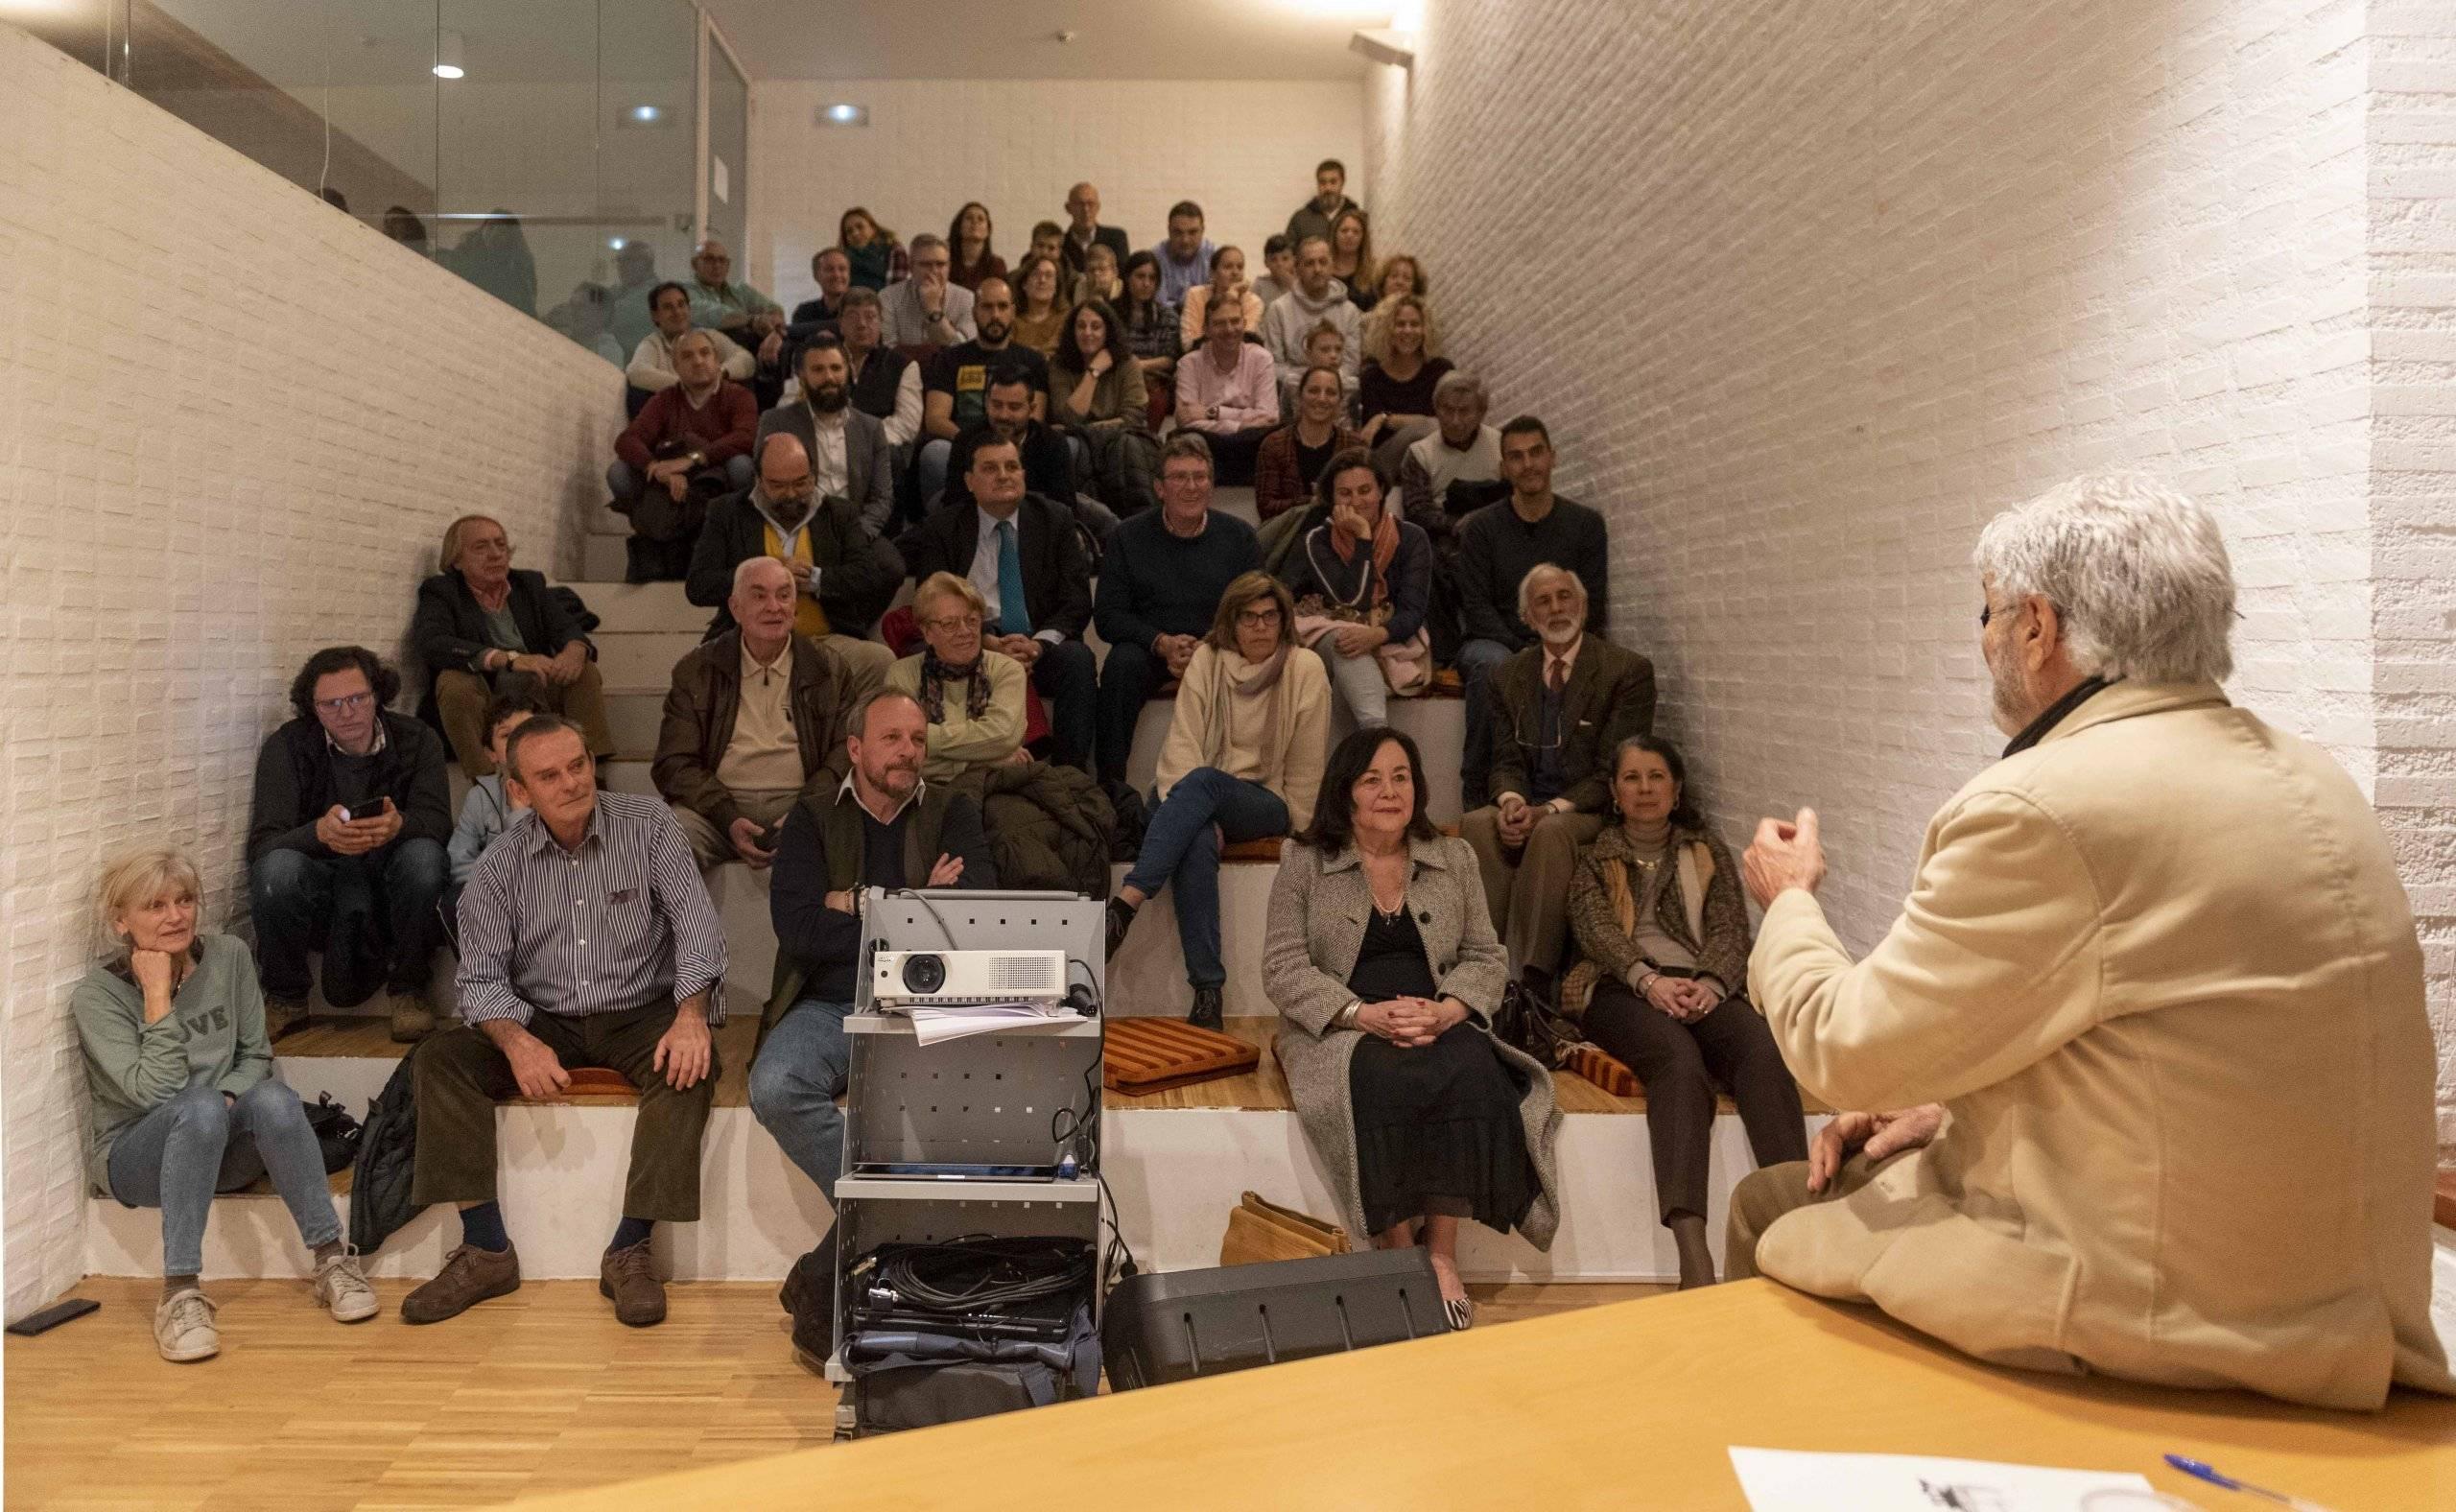 La charla ha tenido lugar en la Biblioteca F. Lázaro Carreter.